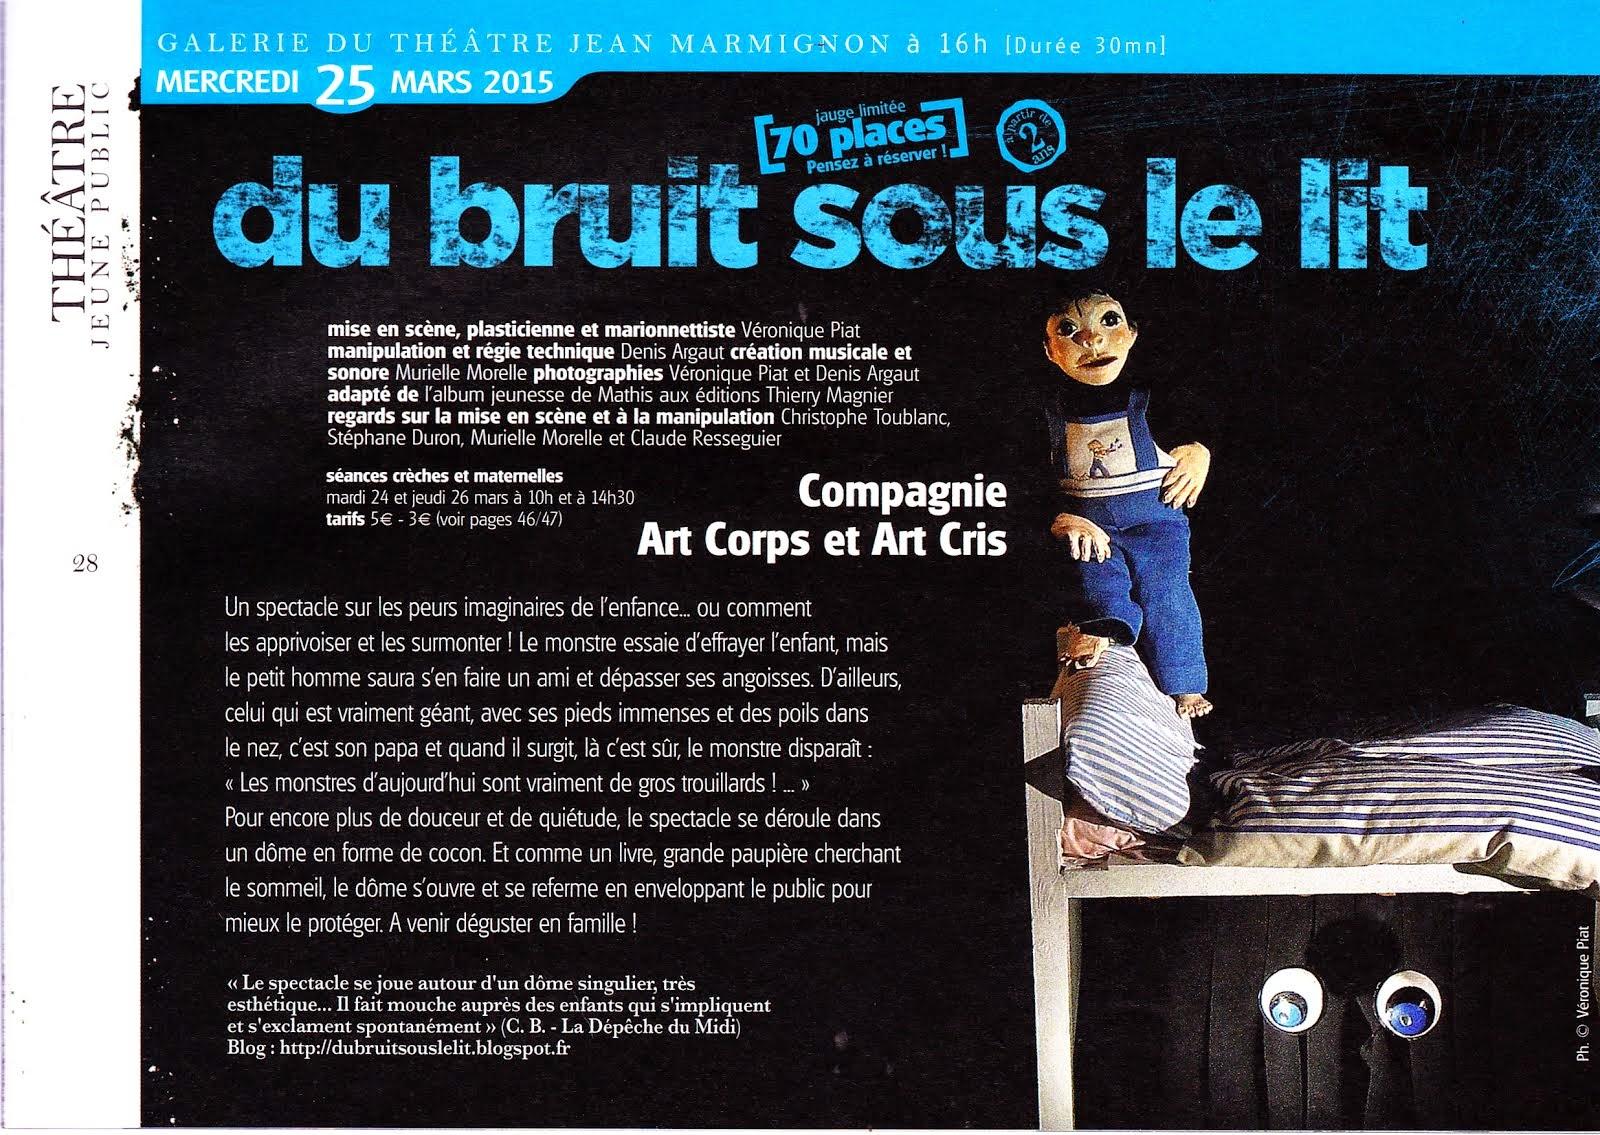 Programmation au théâtre Marmignon de Saint-Gaudens